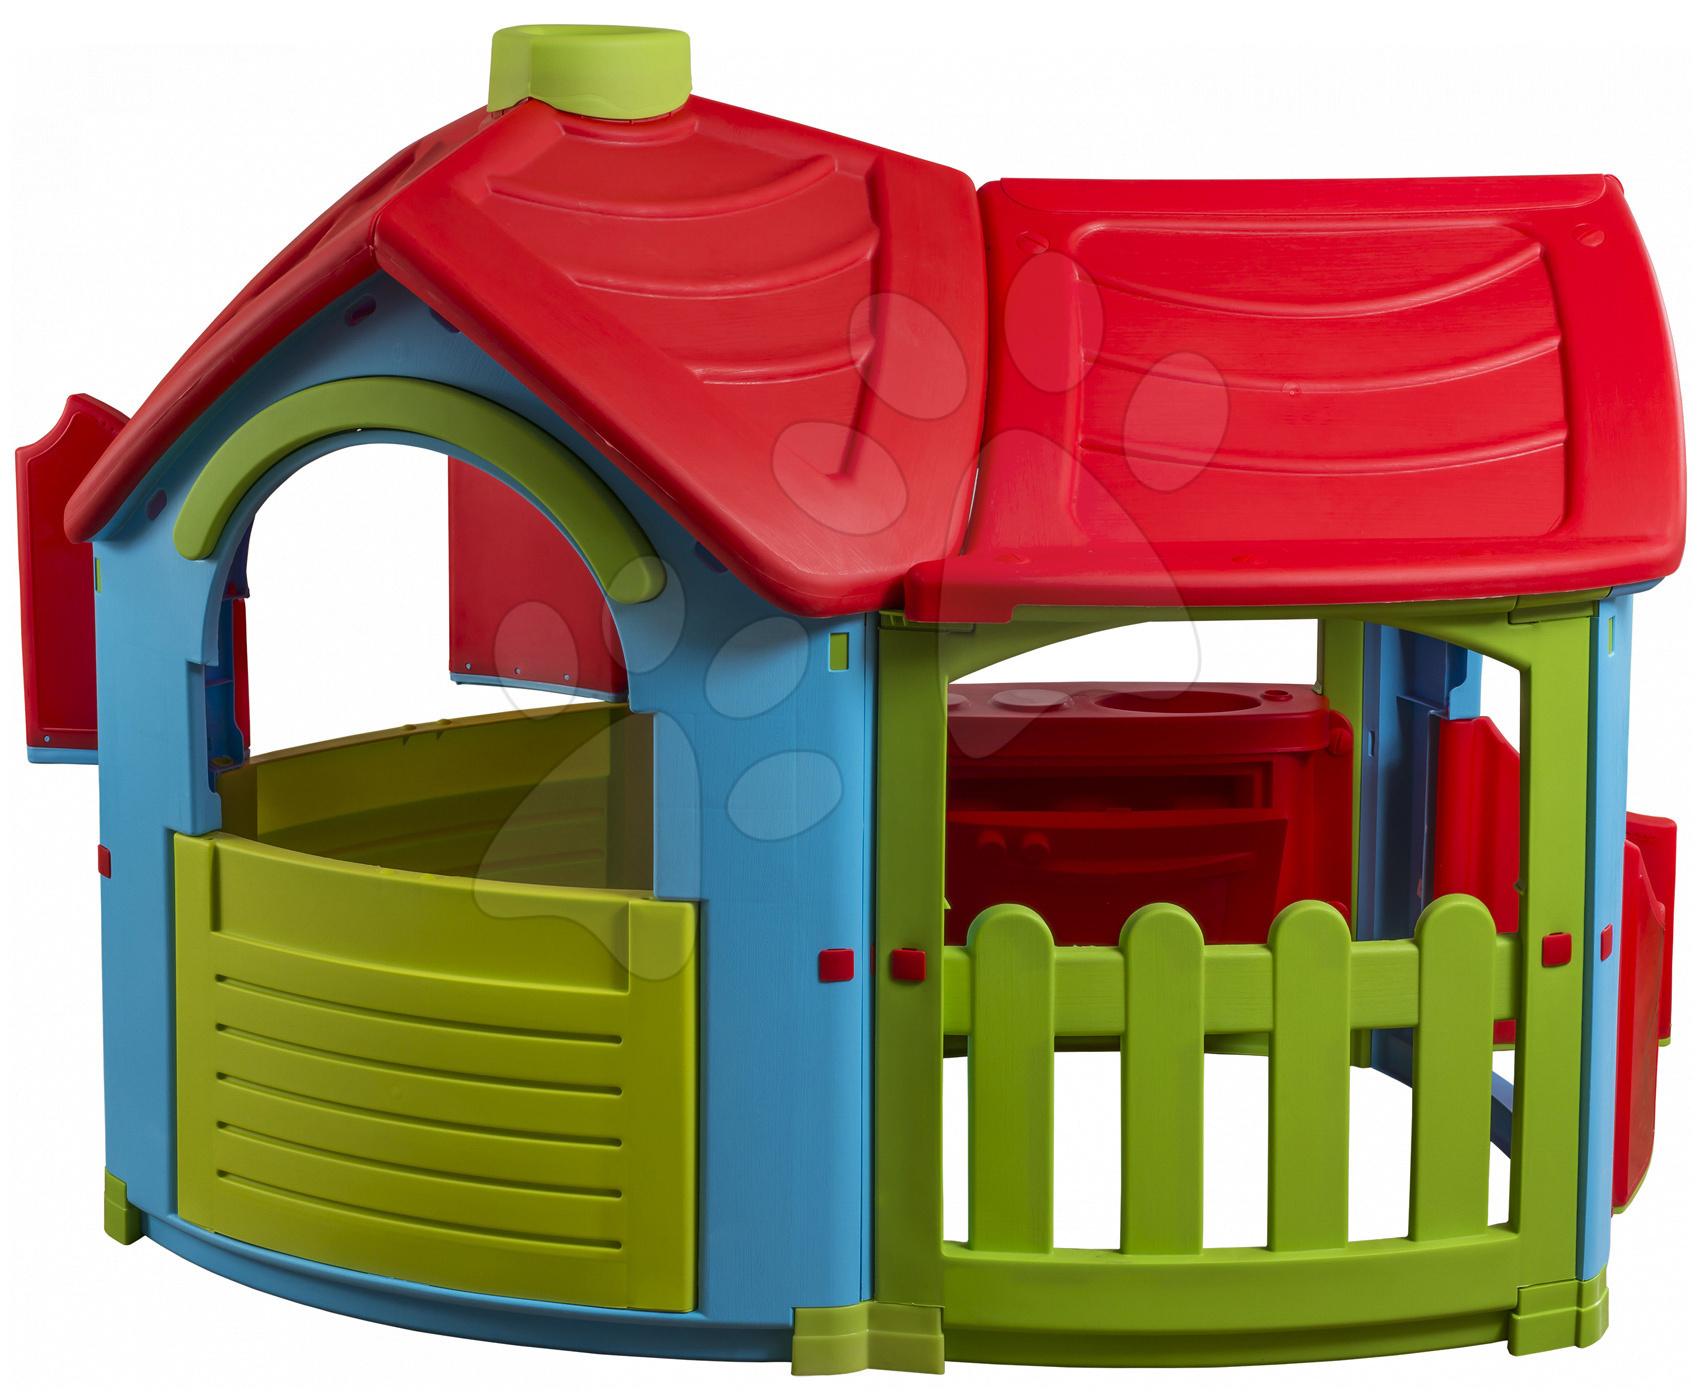 Domčeky pre deti - Domček Triangle Villa PalPlay s kuchynkou a prístavbou